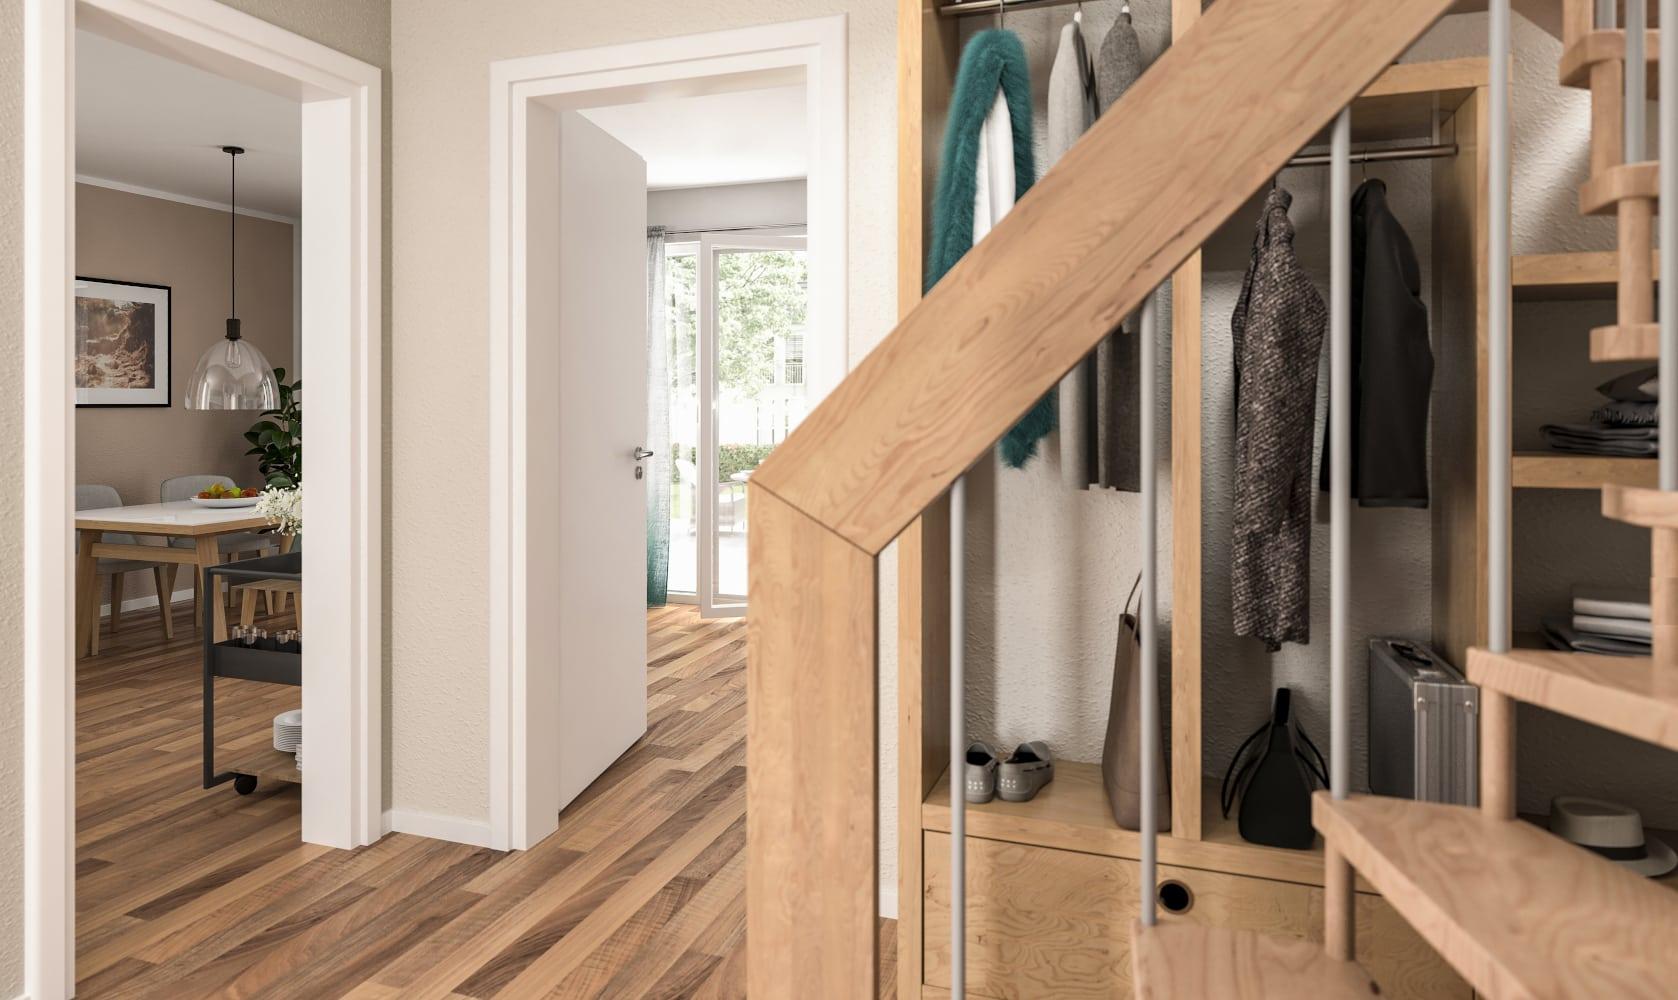 Diele mit Treppe & Garderobe - Stadtvilla Inneneinrichtung Ideen STADTHAUS 100 Town & Country Haus - HausbauDirekt.de